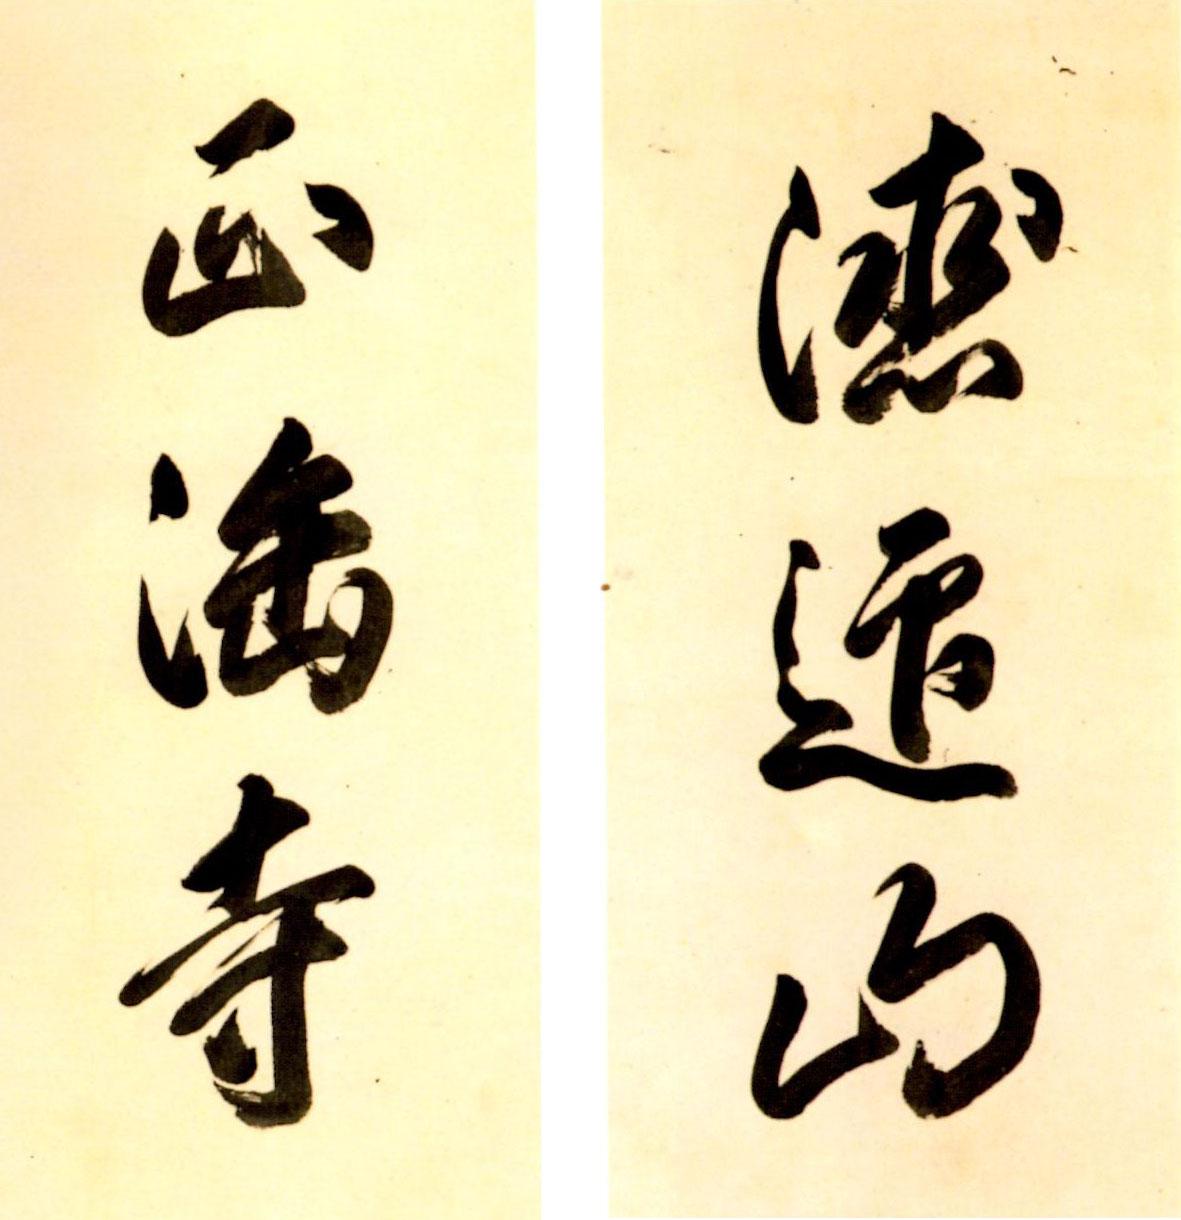 後奈良天皇額字